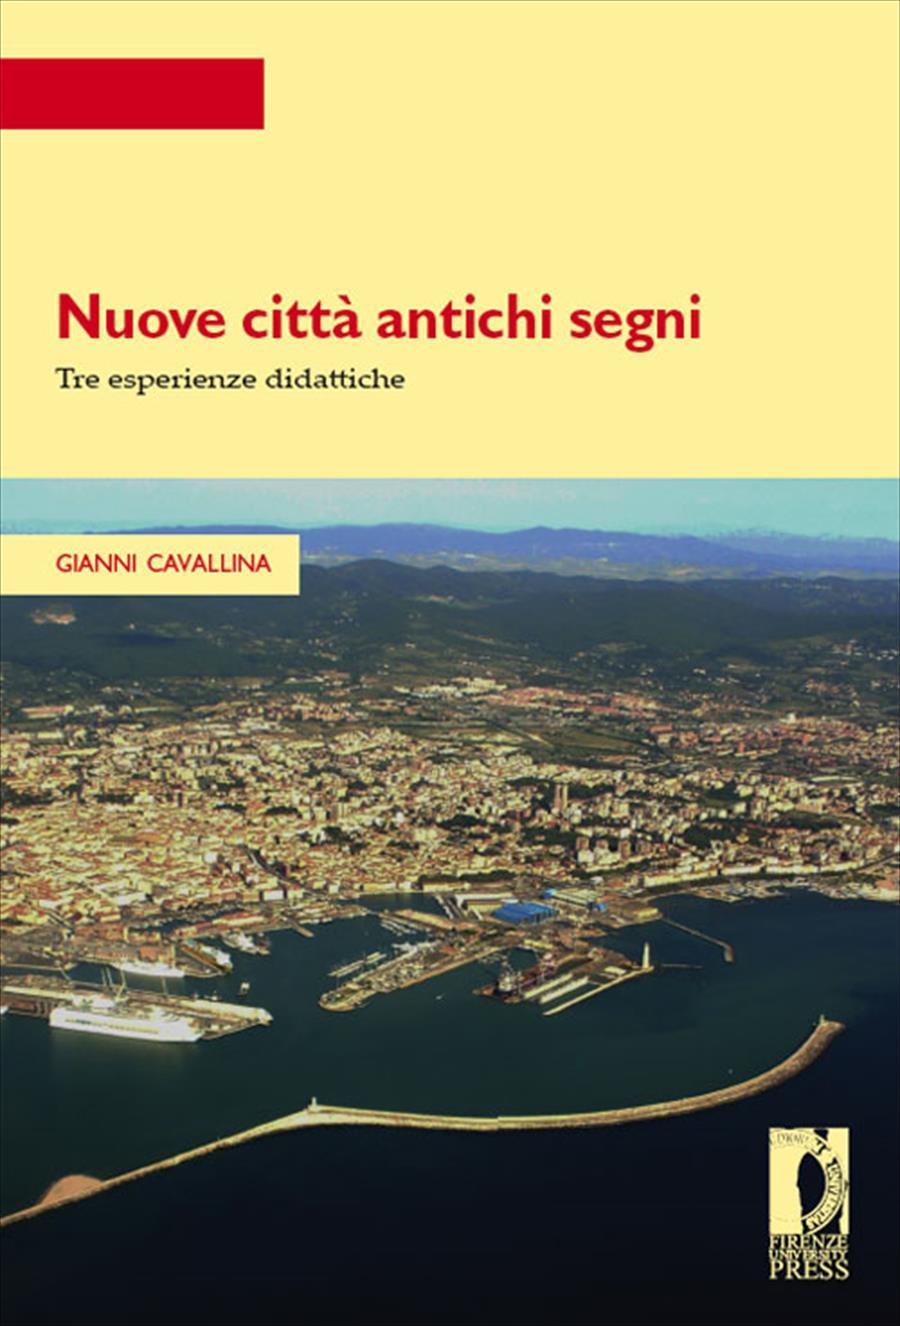 Nuove città antichi segni